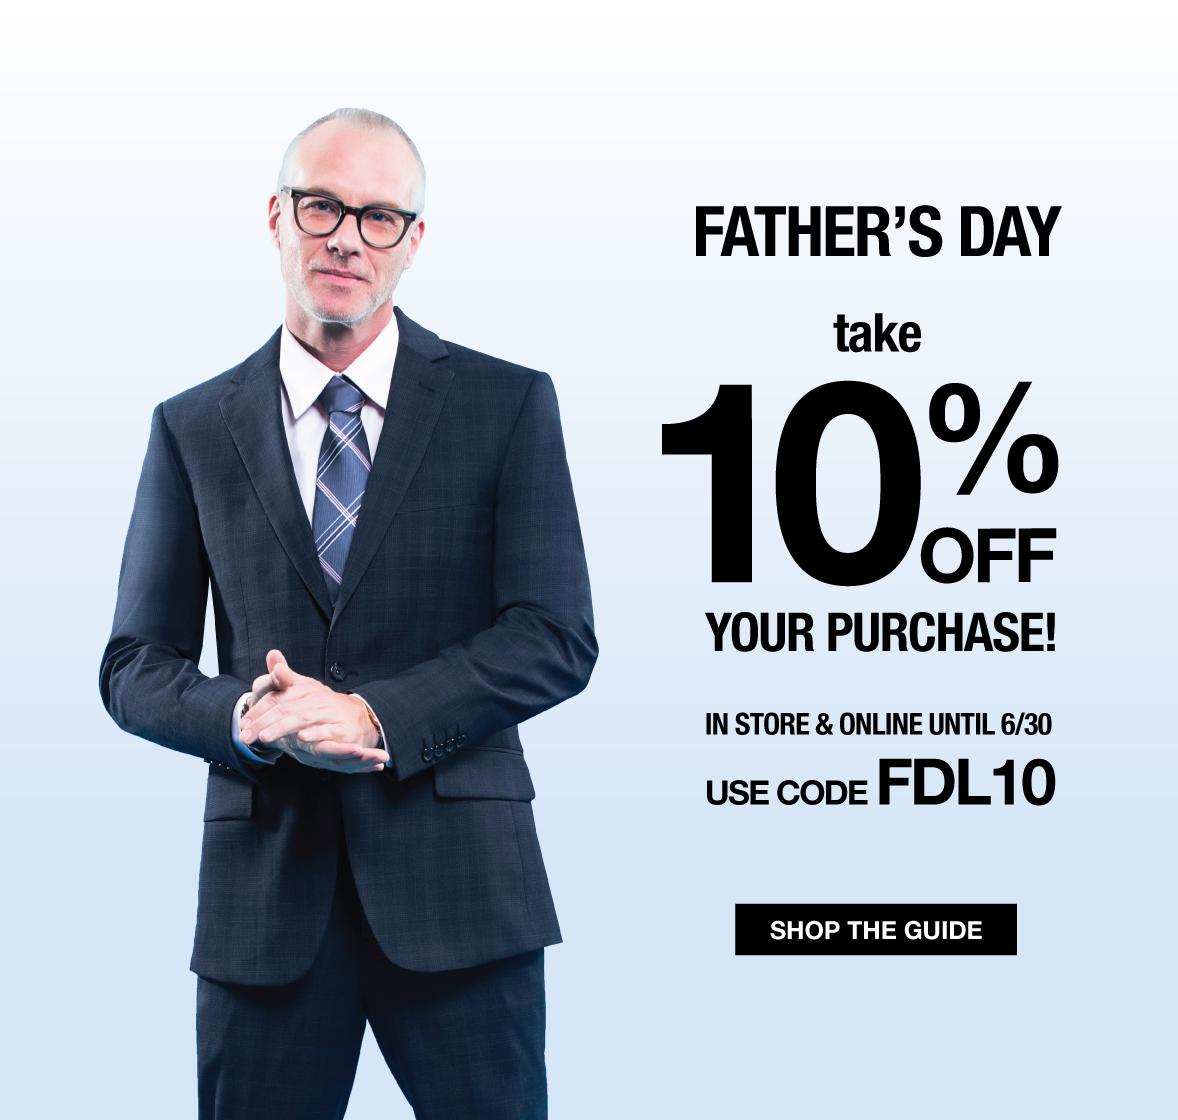 9228bc843 Best Suits for Men - Best Suit Stores & Places to Buy a Suit Online ...